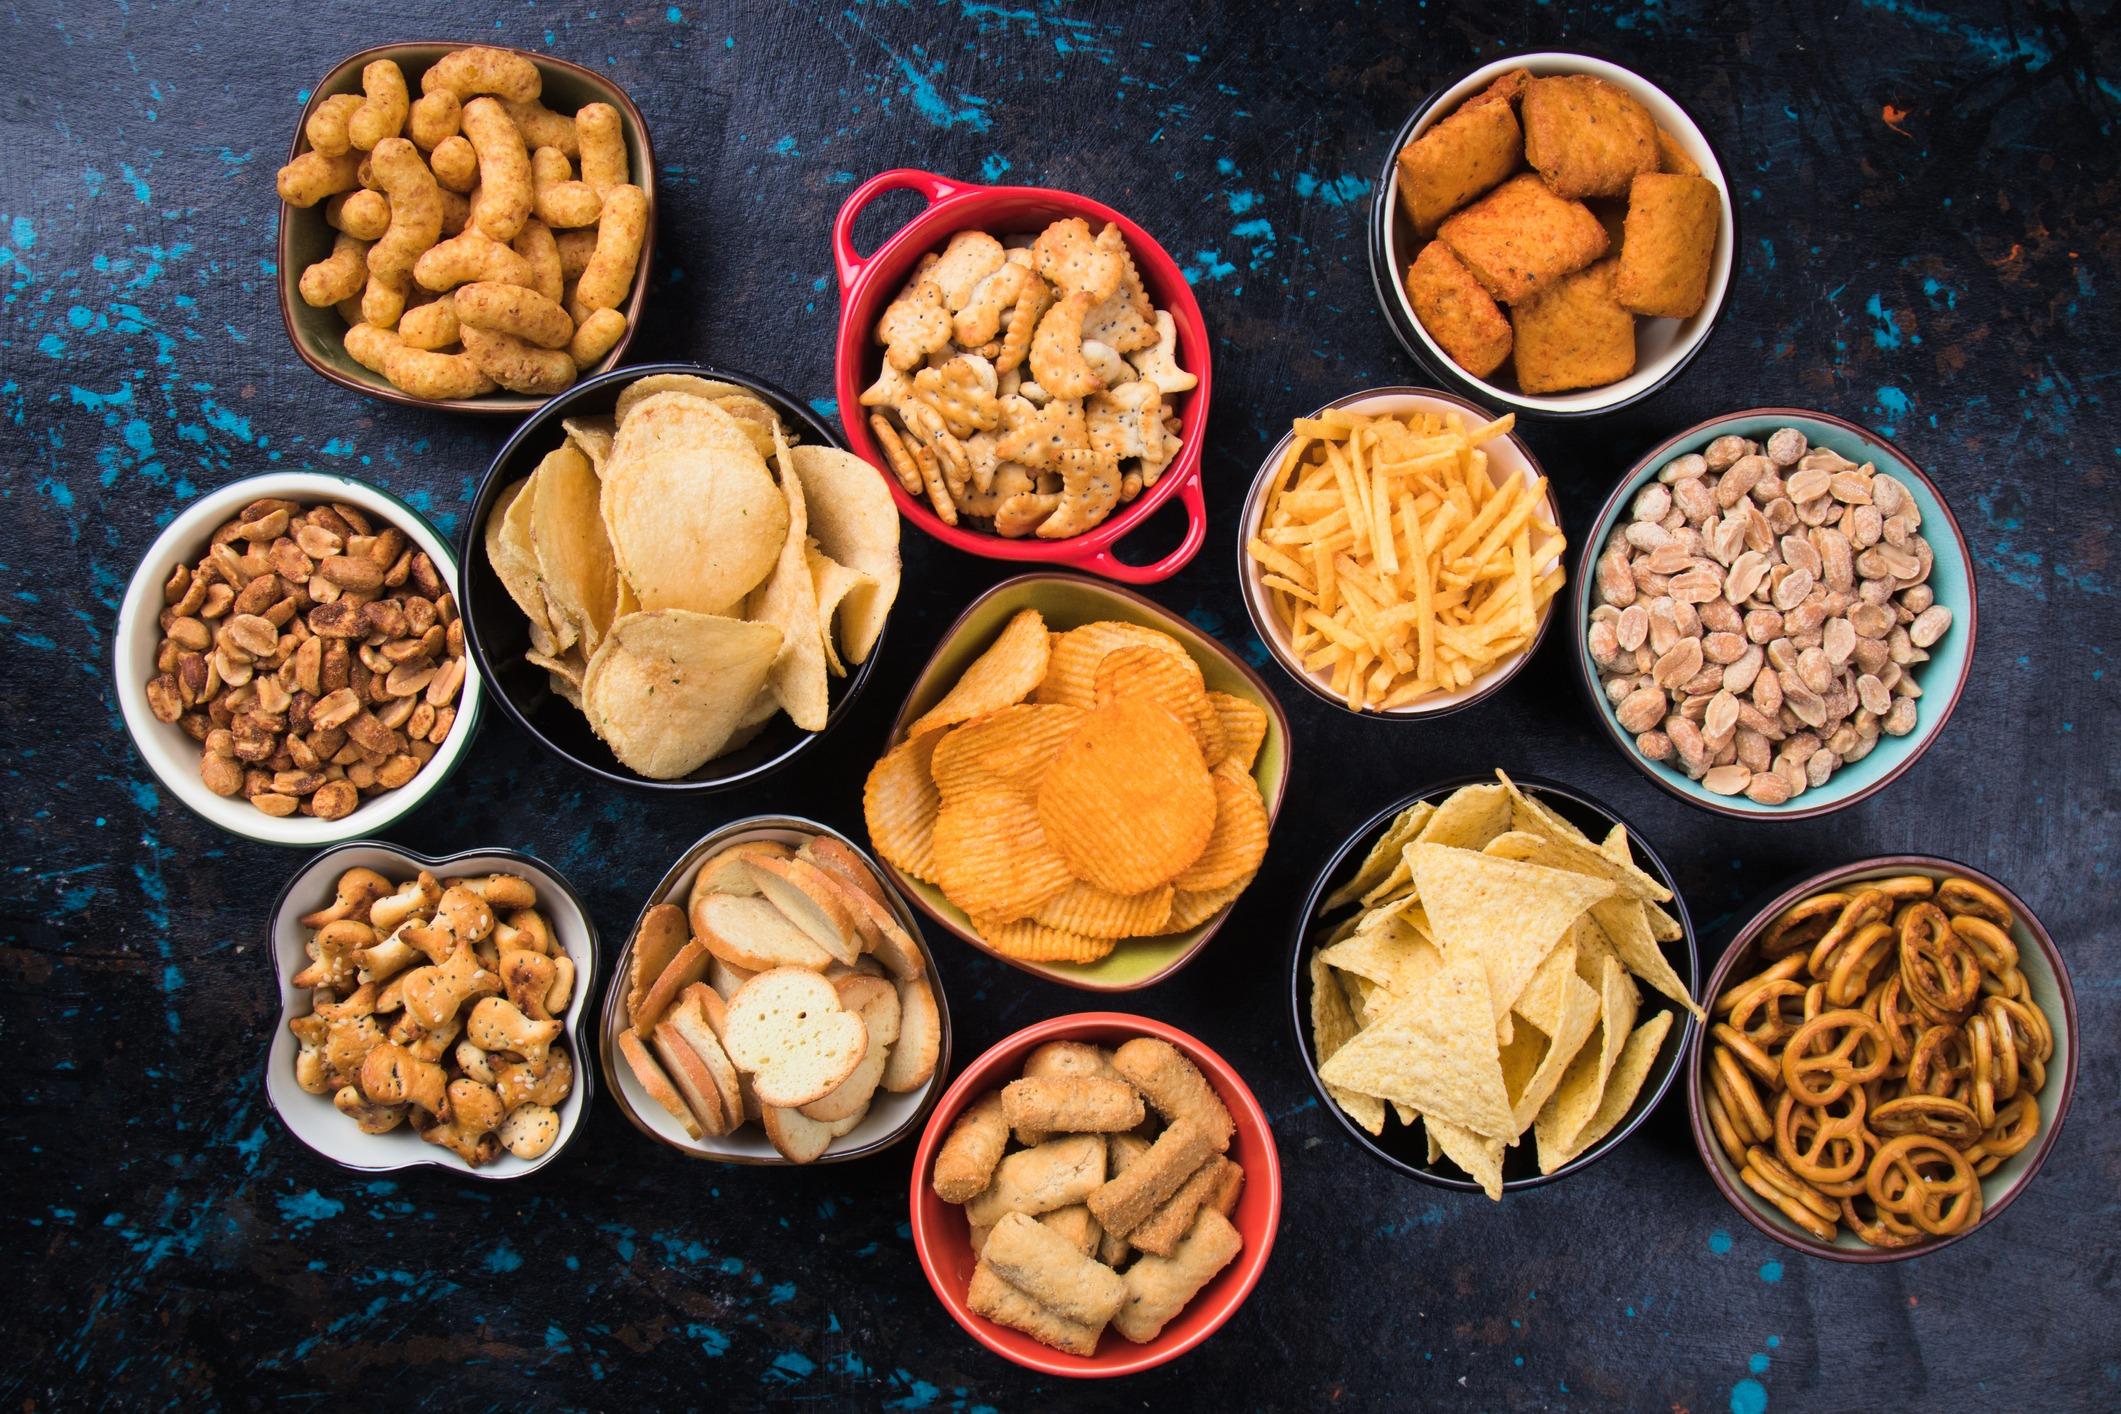 various salty snacks